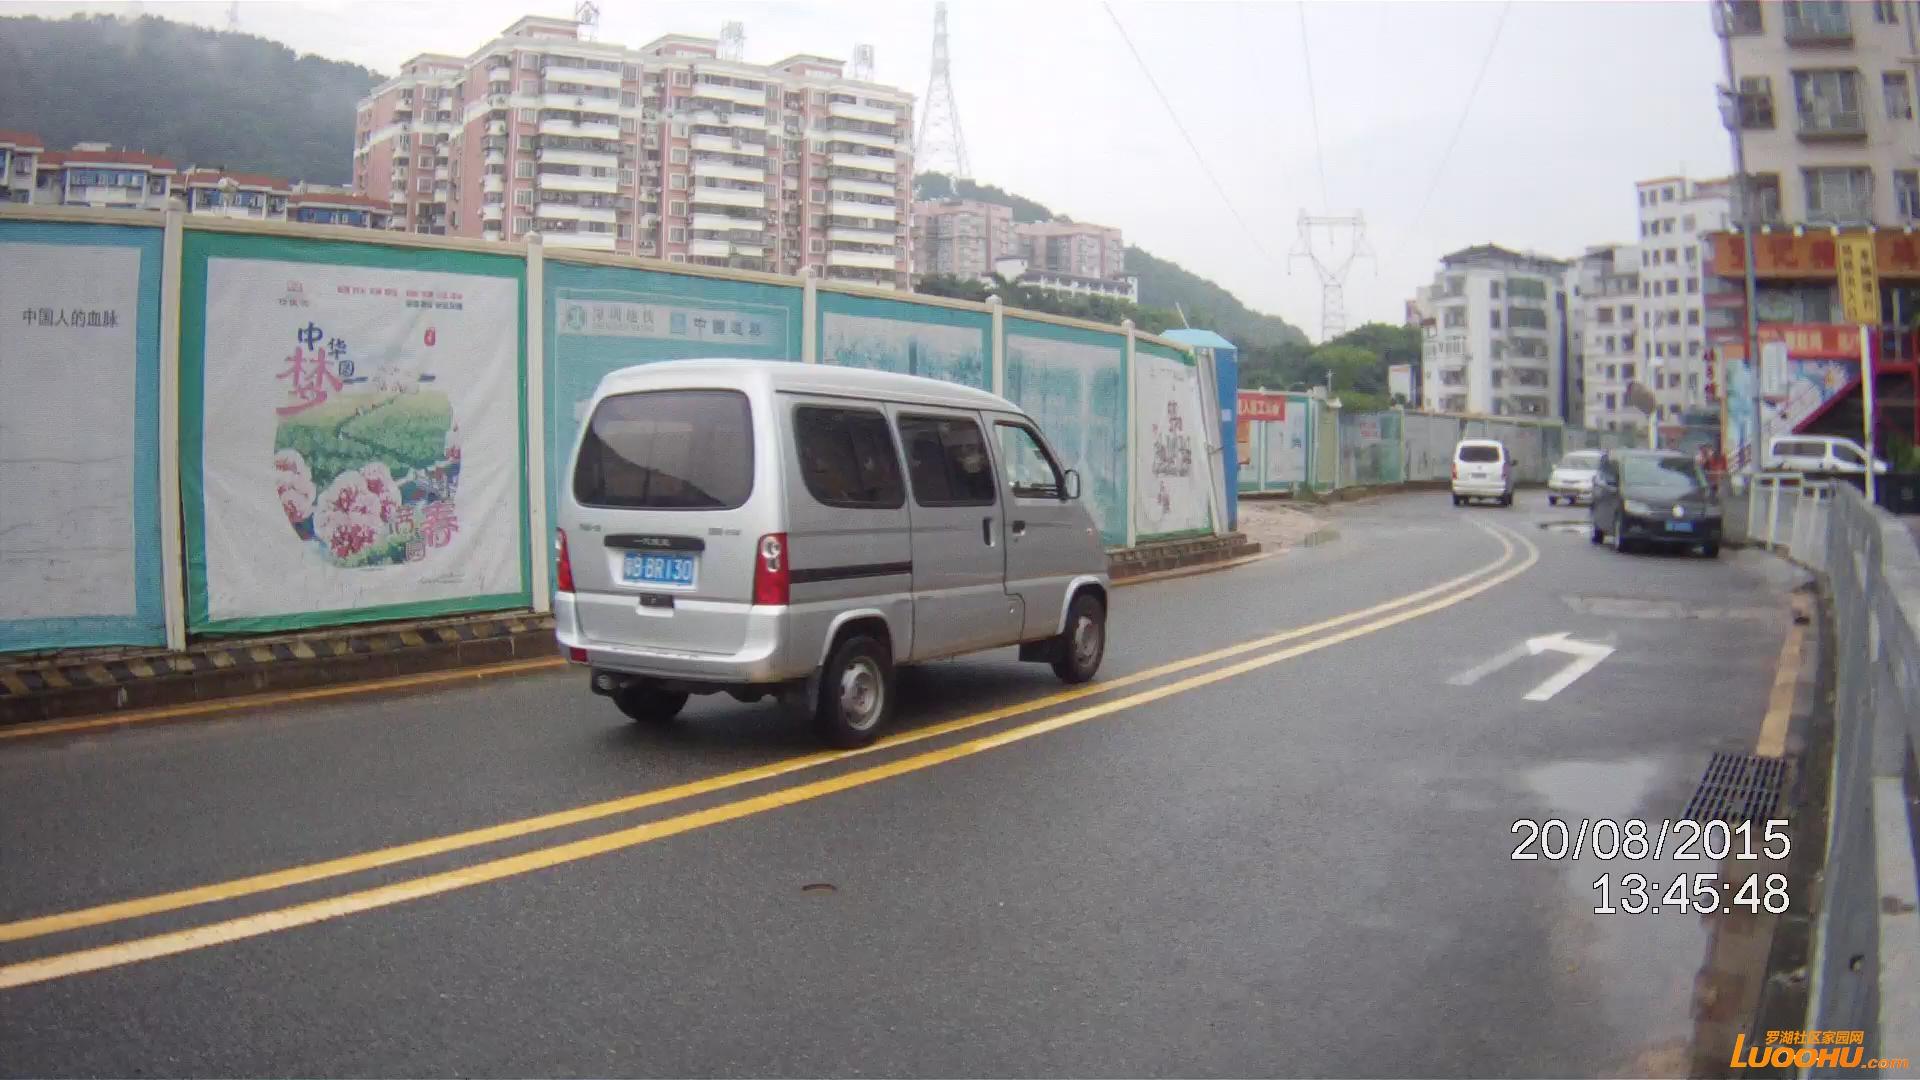 lh011金碧路坭岗地铁站.jpg